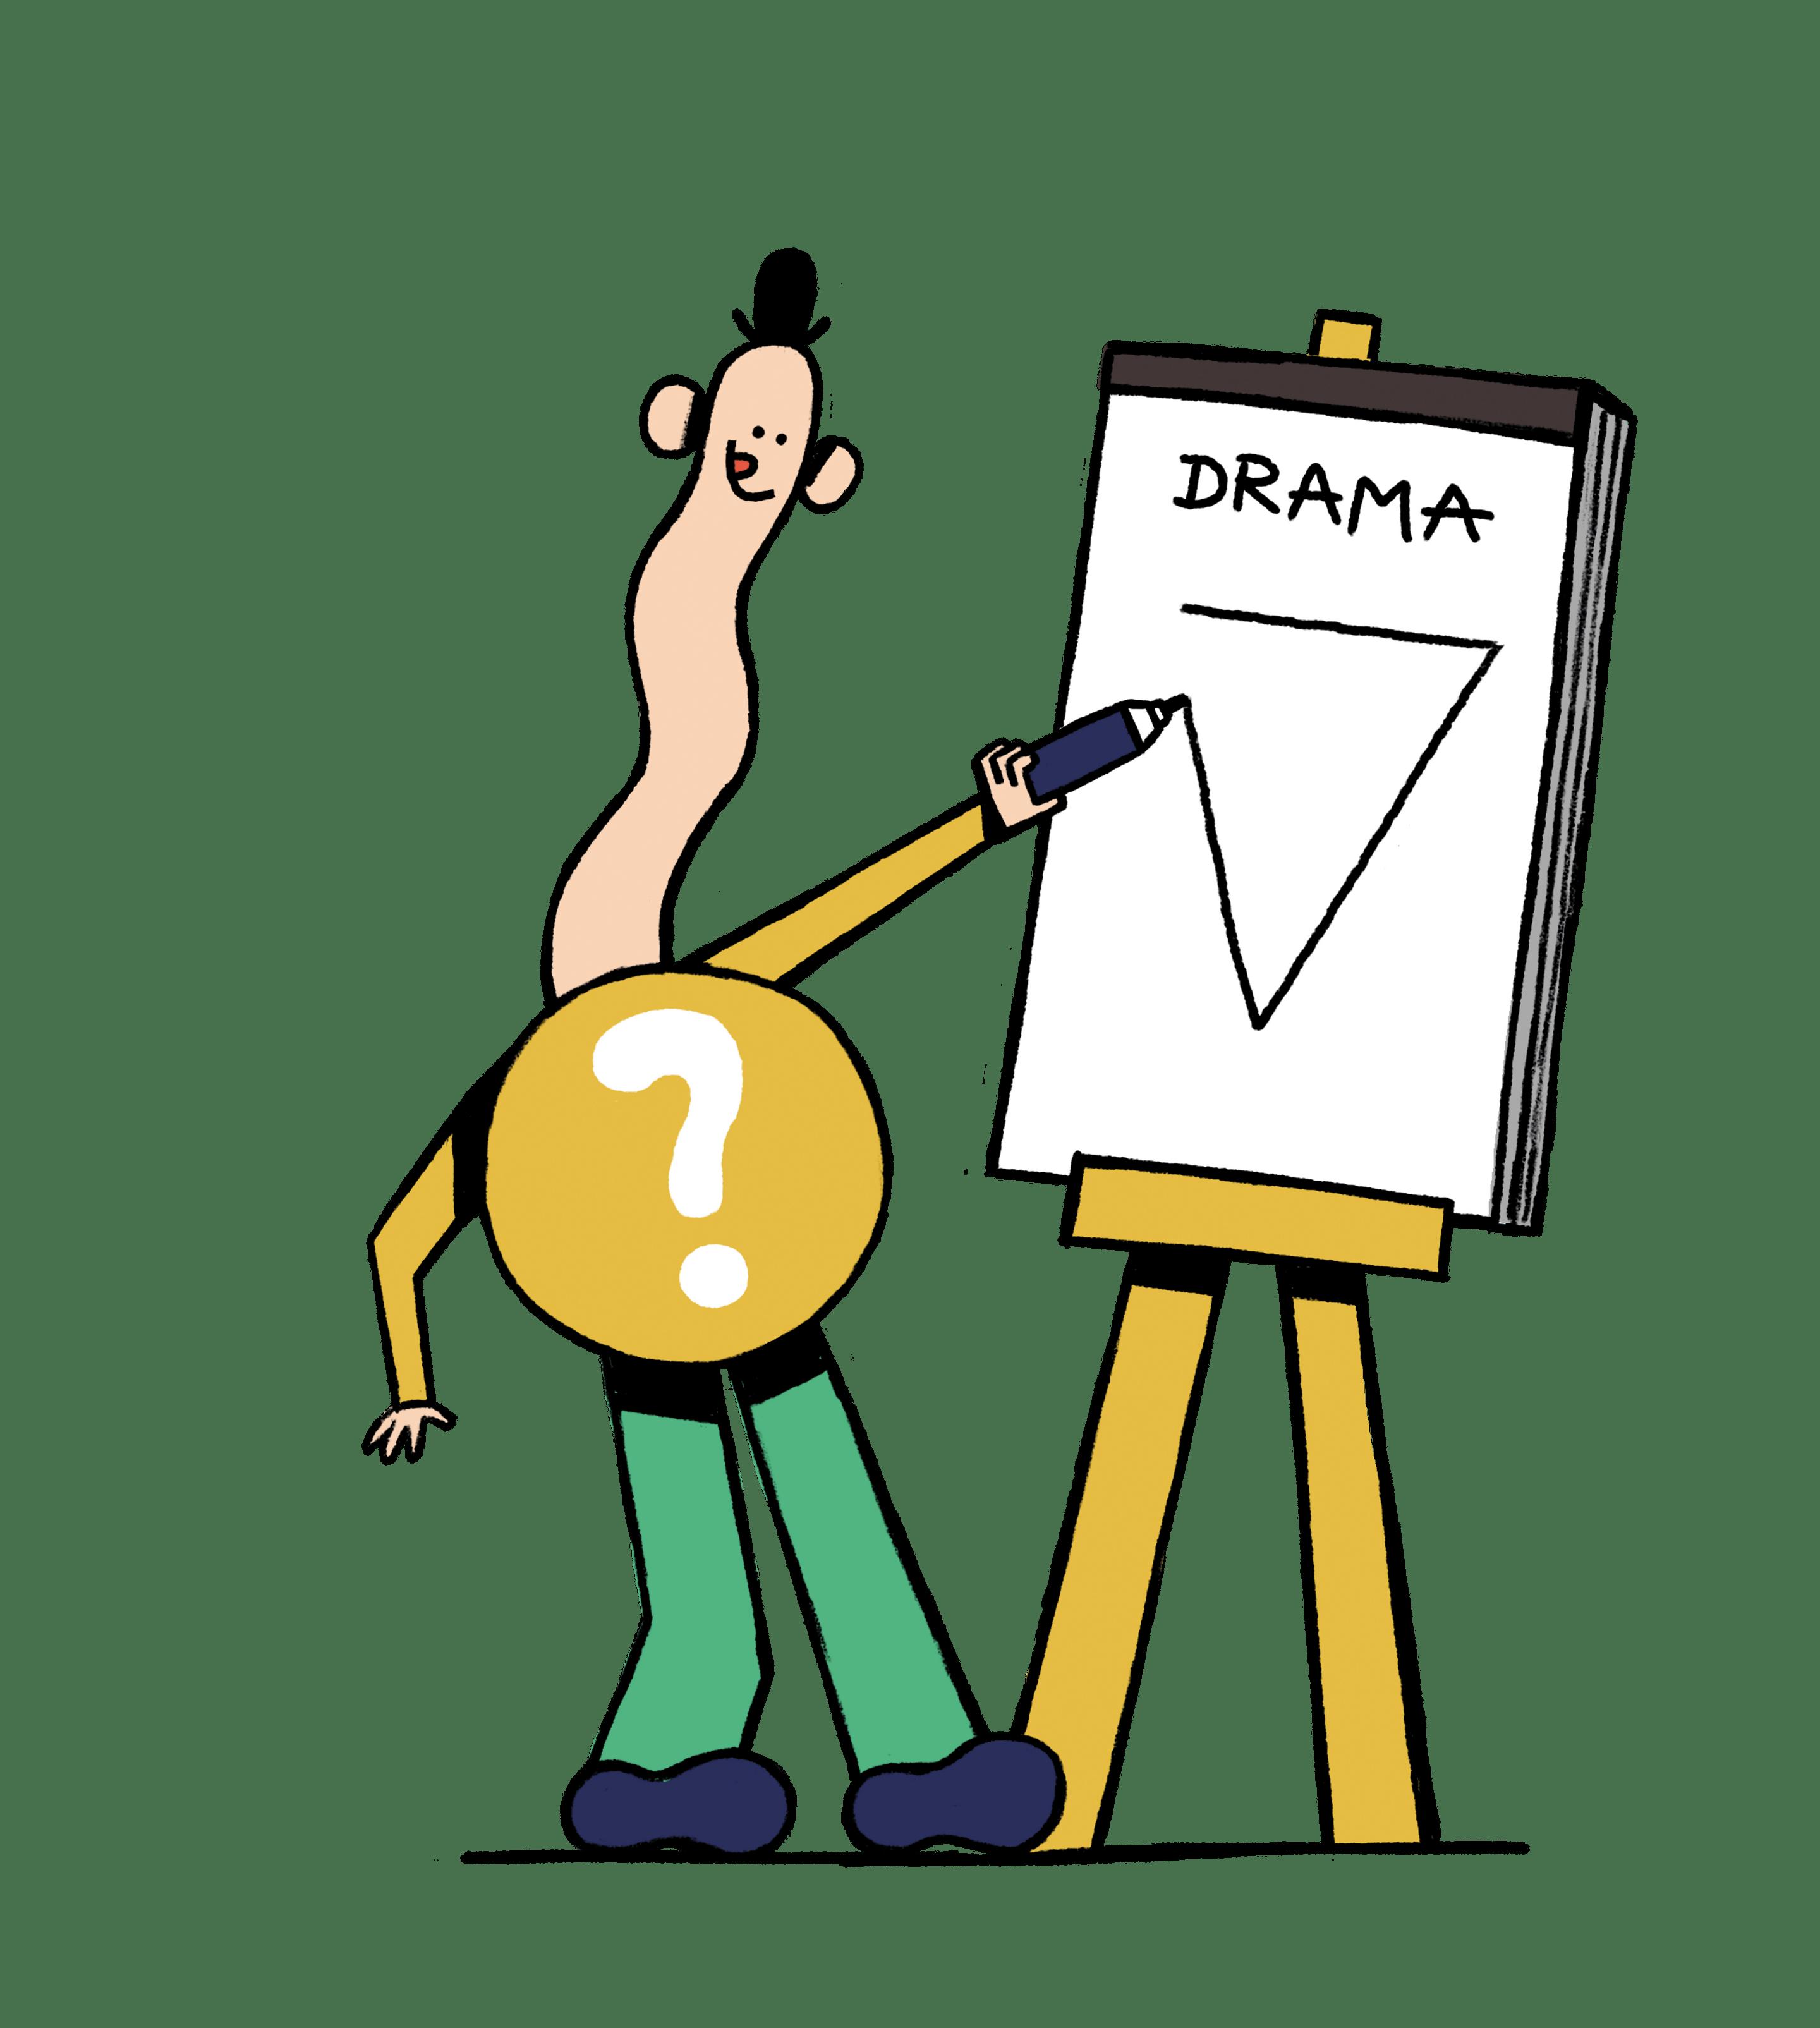 Eine Figur die Drama an ein Whiteboard schreibt